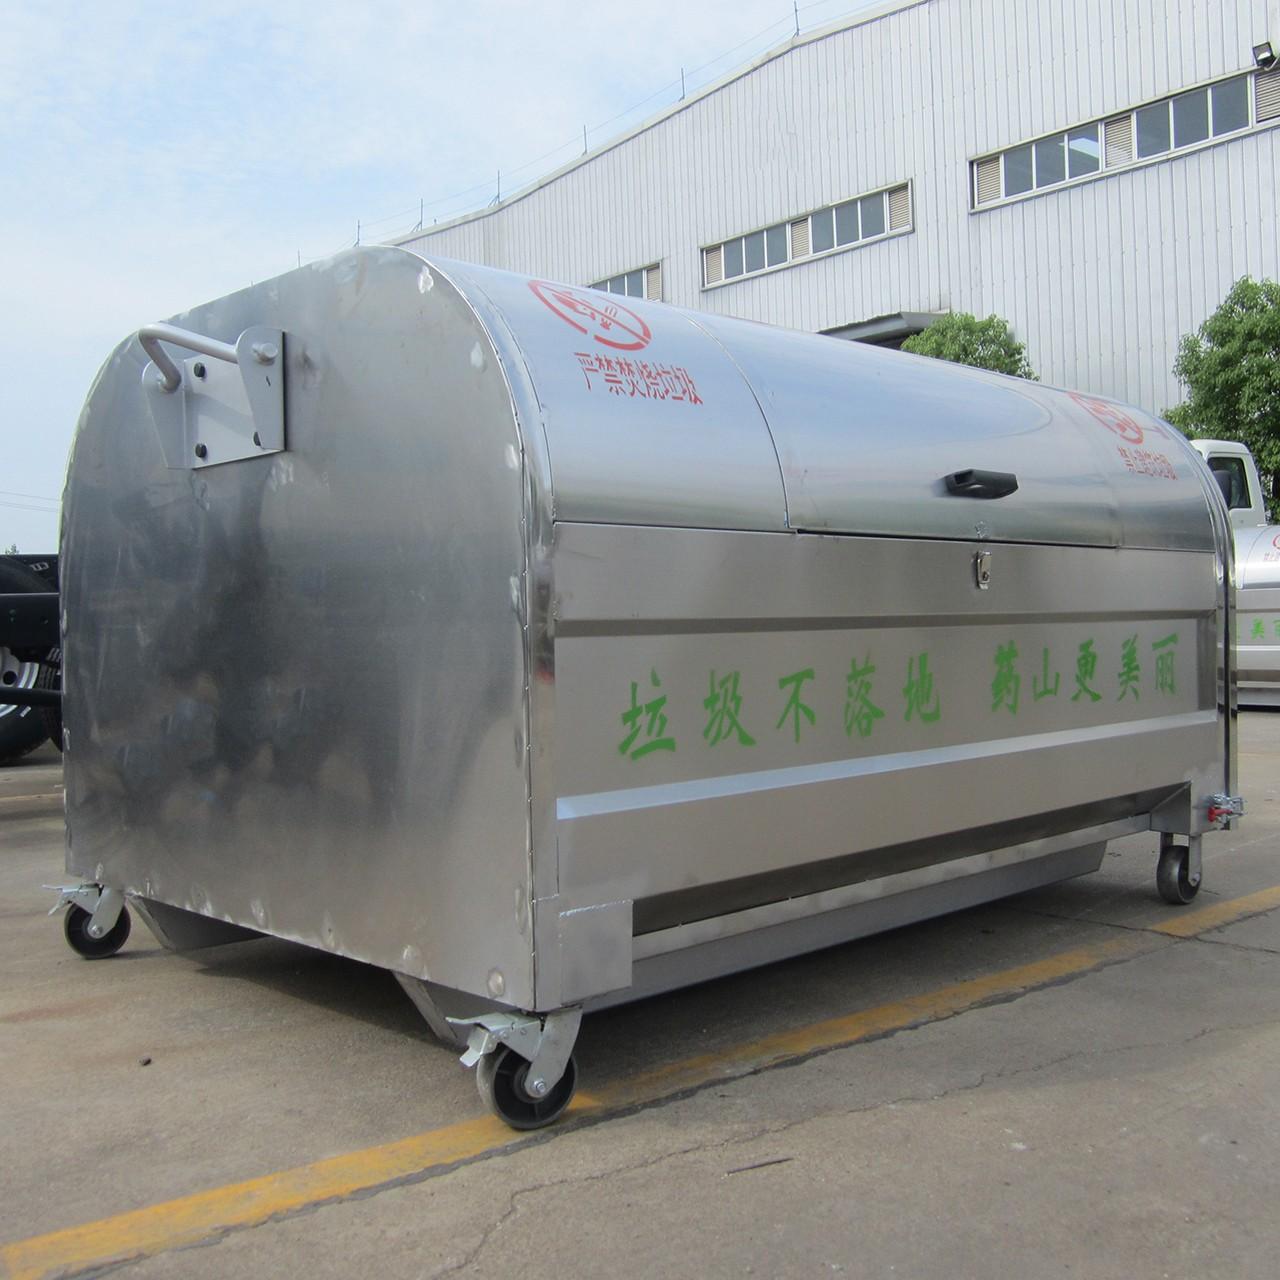 不锈钢3立方勾臂式移动环卫大型垃圾箱 拉臂式垃圾箱 车厢可卸式垃圾箱